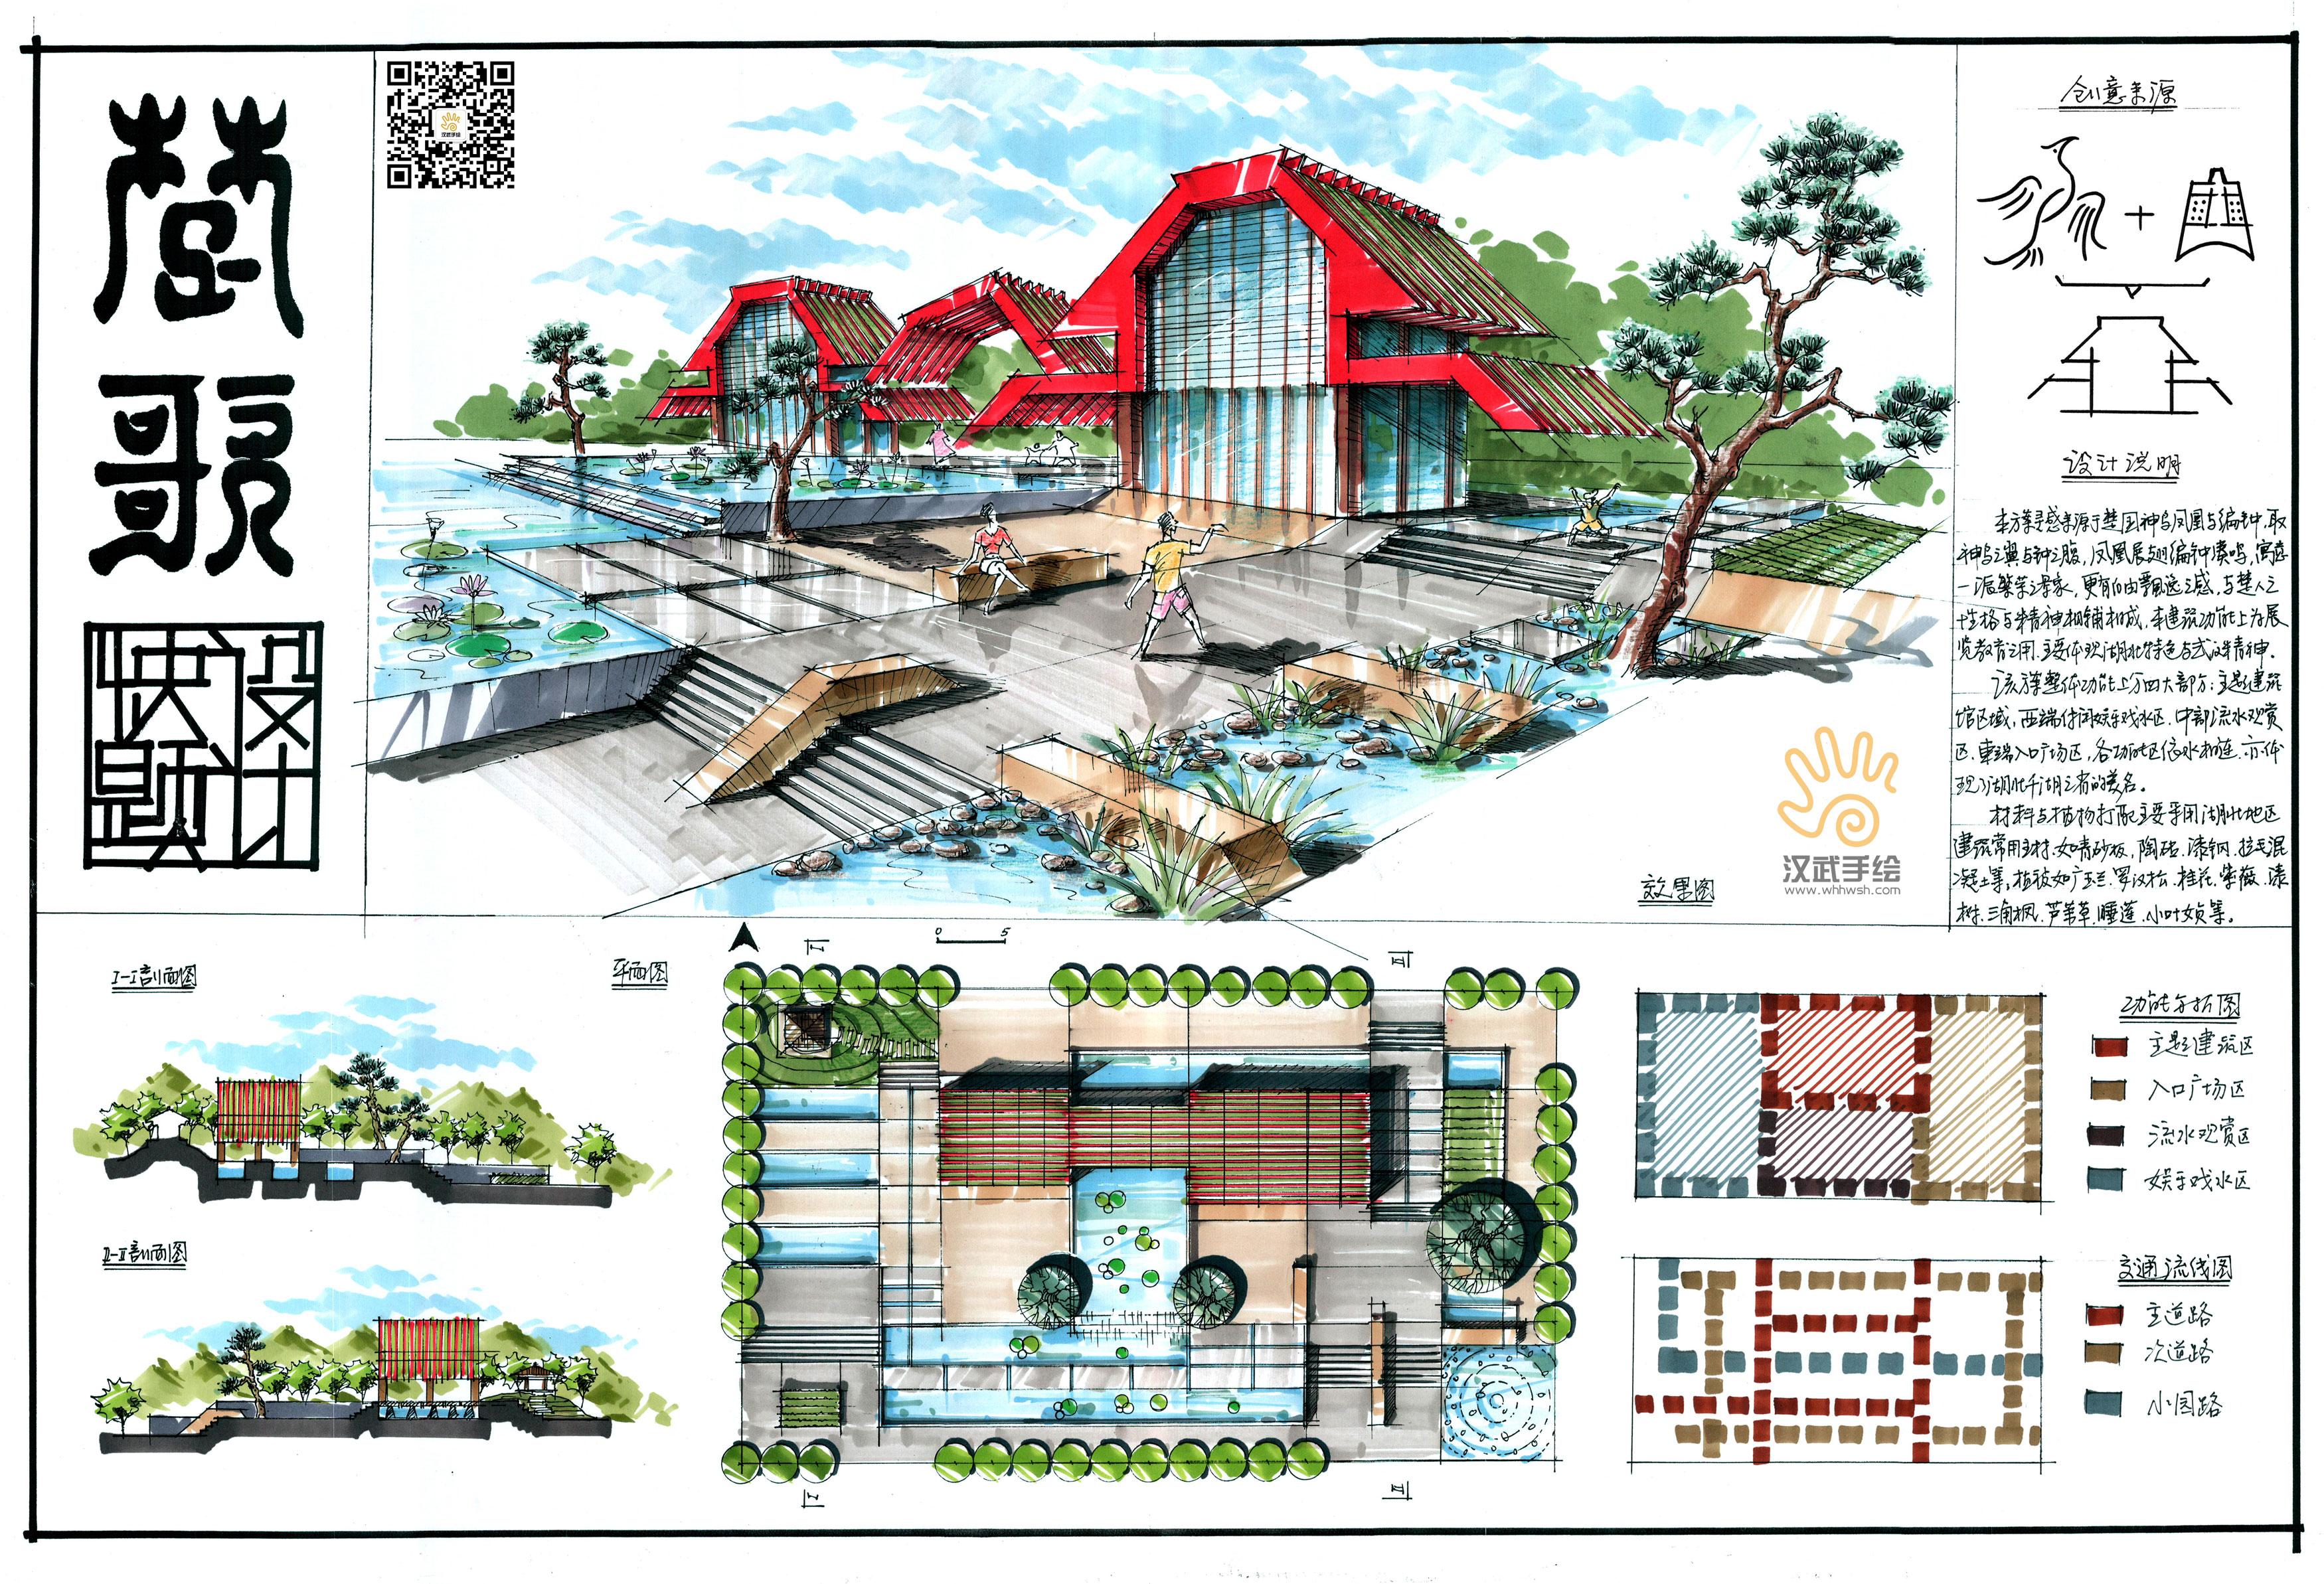 楚歌建筑手绘快题设计